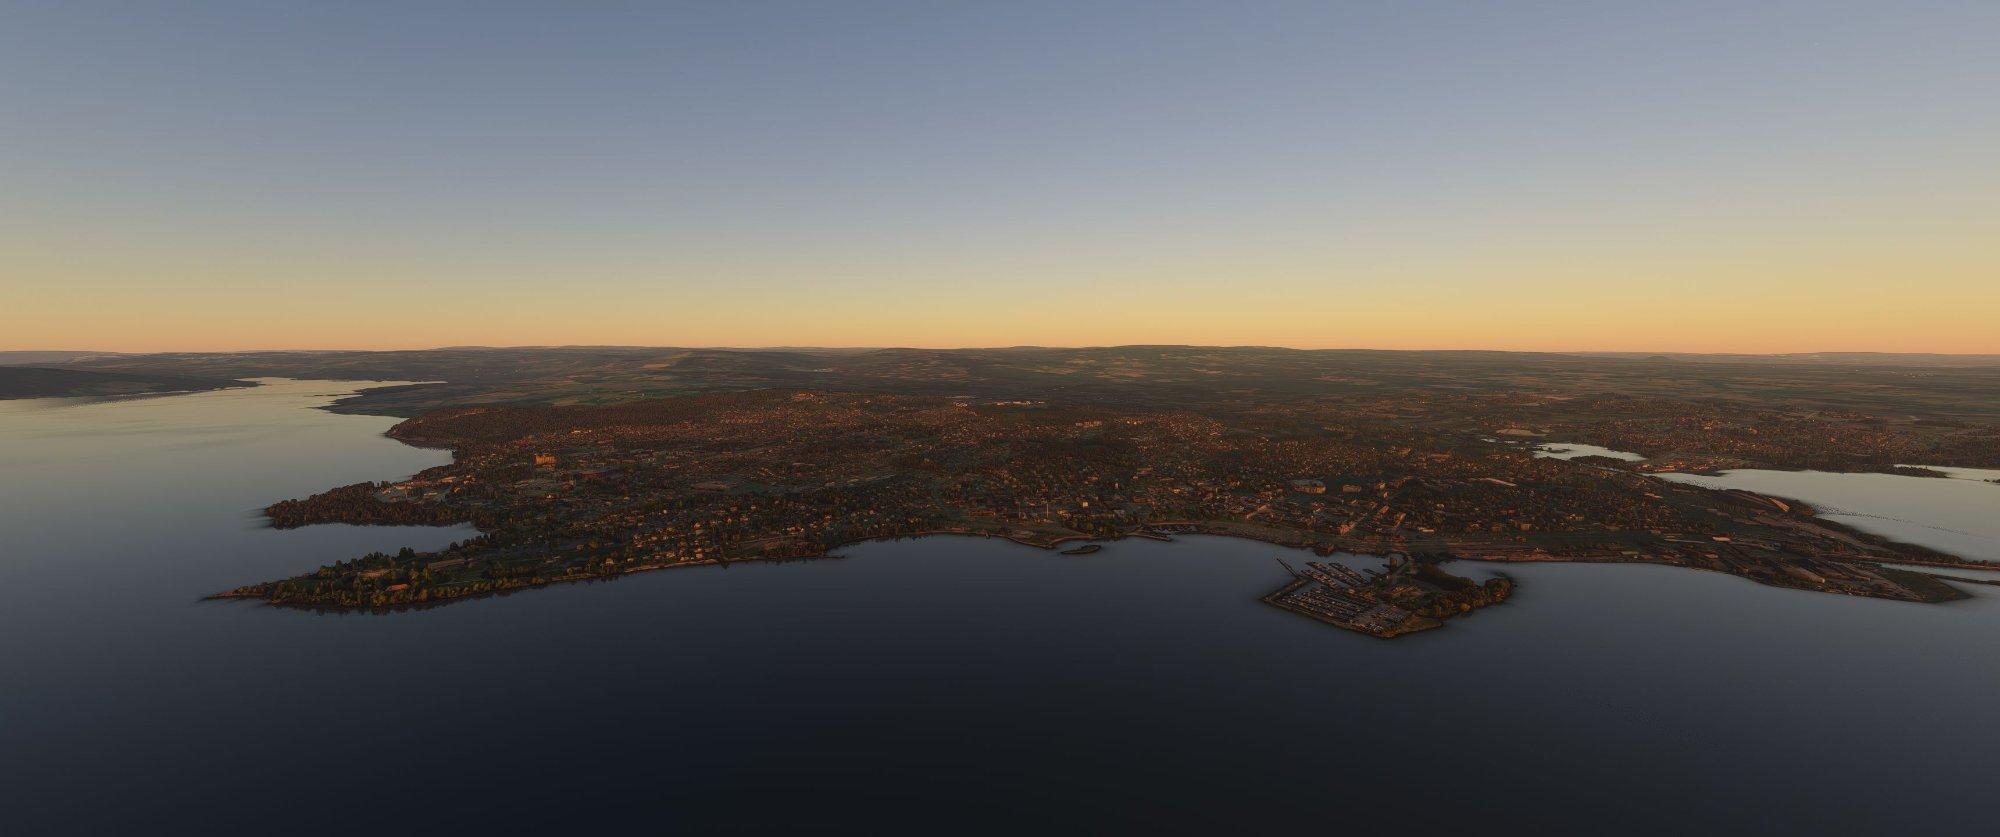 Screenshot-06.jpg